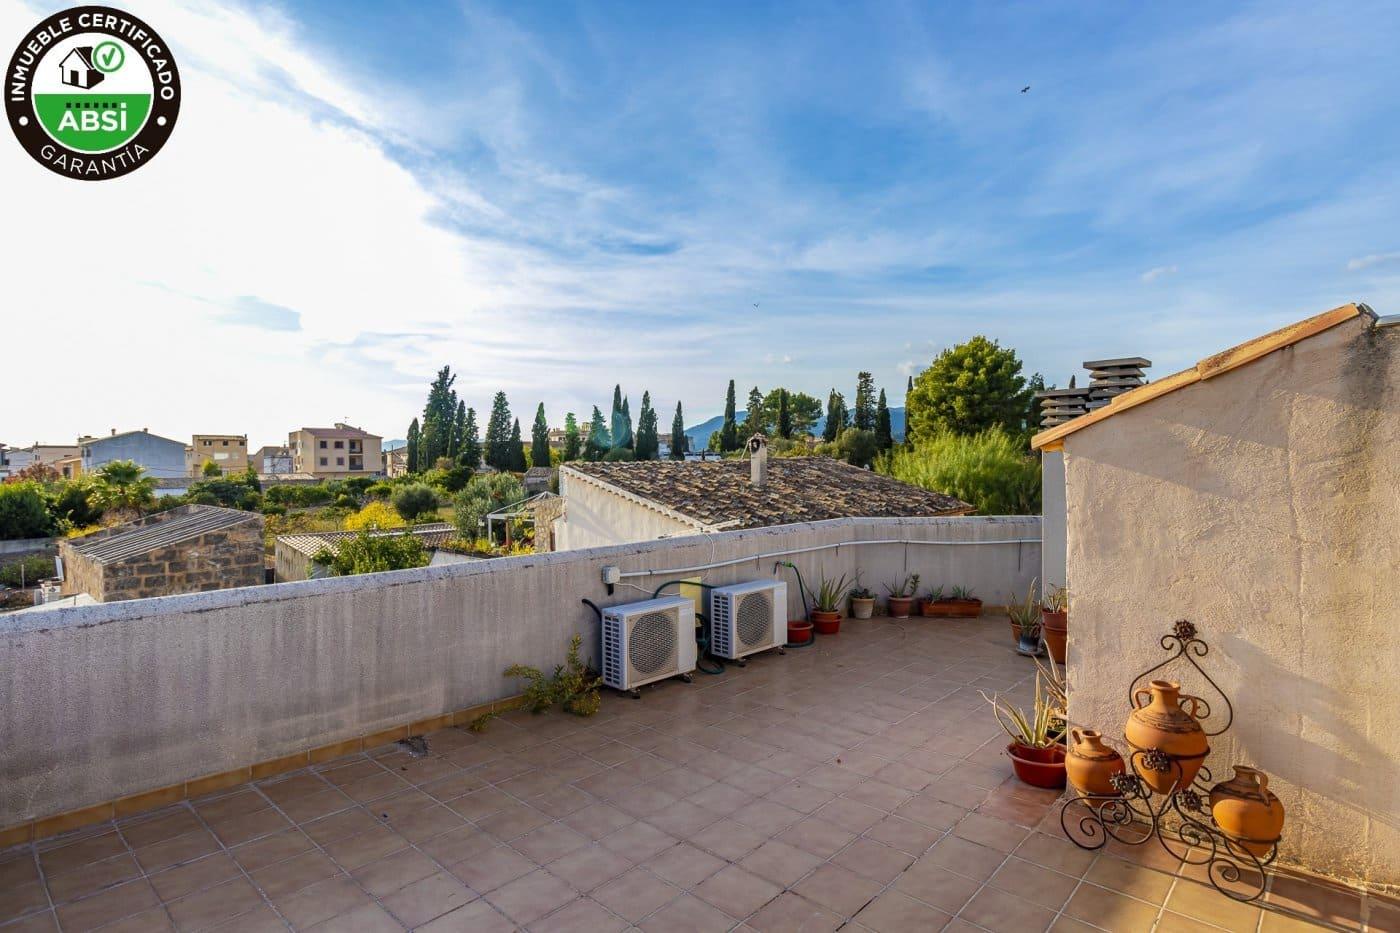 3 Zimmer Reihenhaus zu verkaufen in Consell mit Garage - 283.000 € (Ref: 5690711)